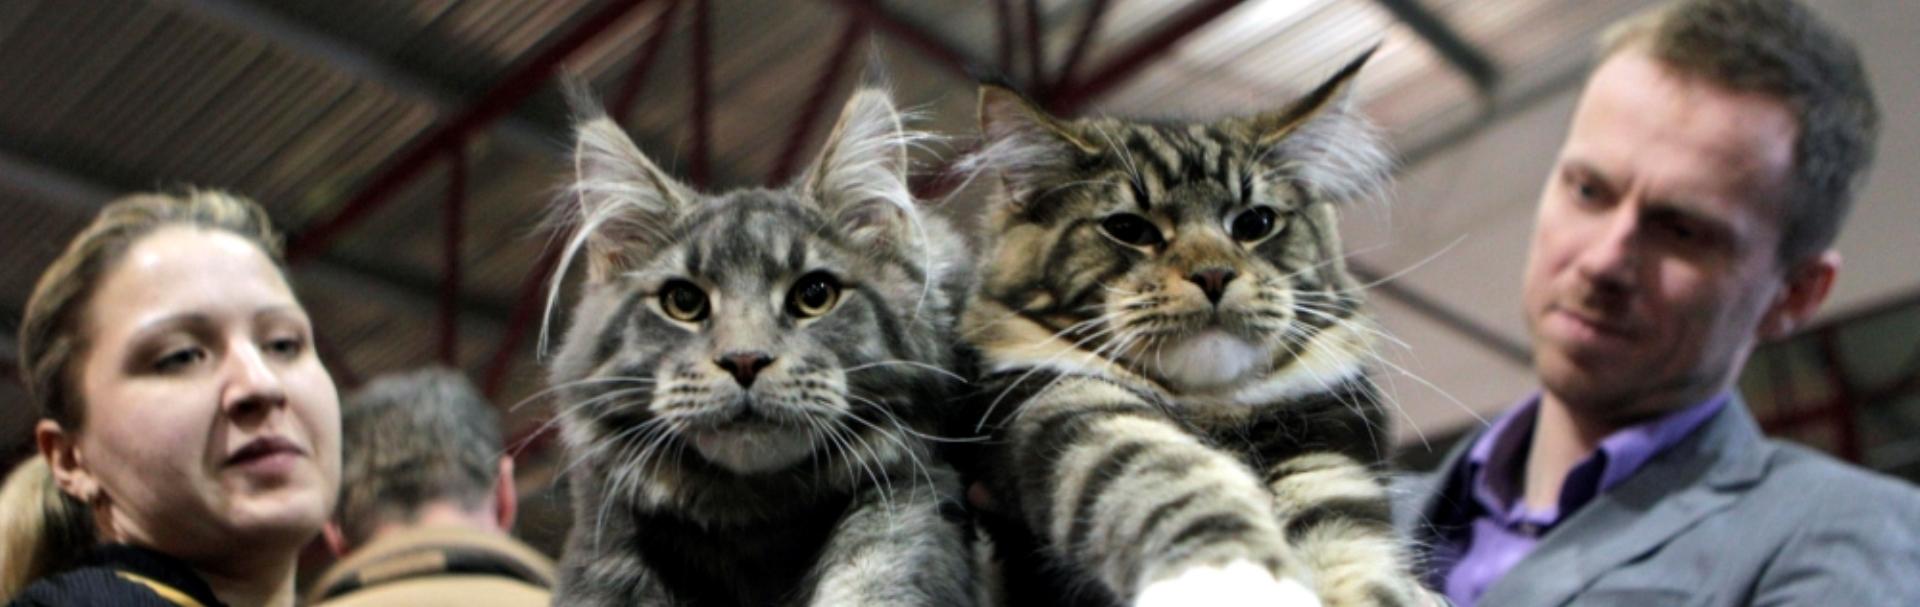 14 pisici uriaşe, care fac din stăpânii lor nişte pitici - Galerie Foto